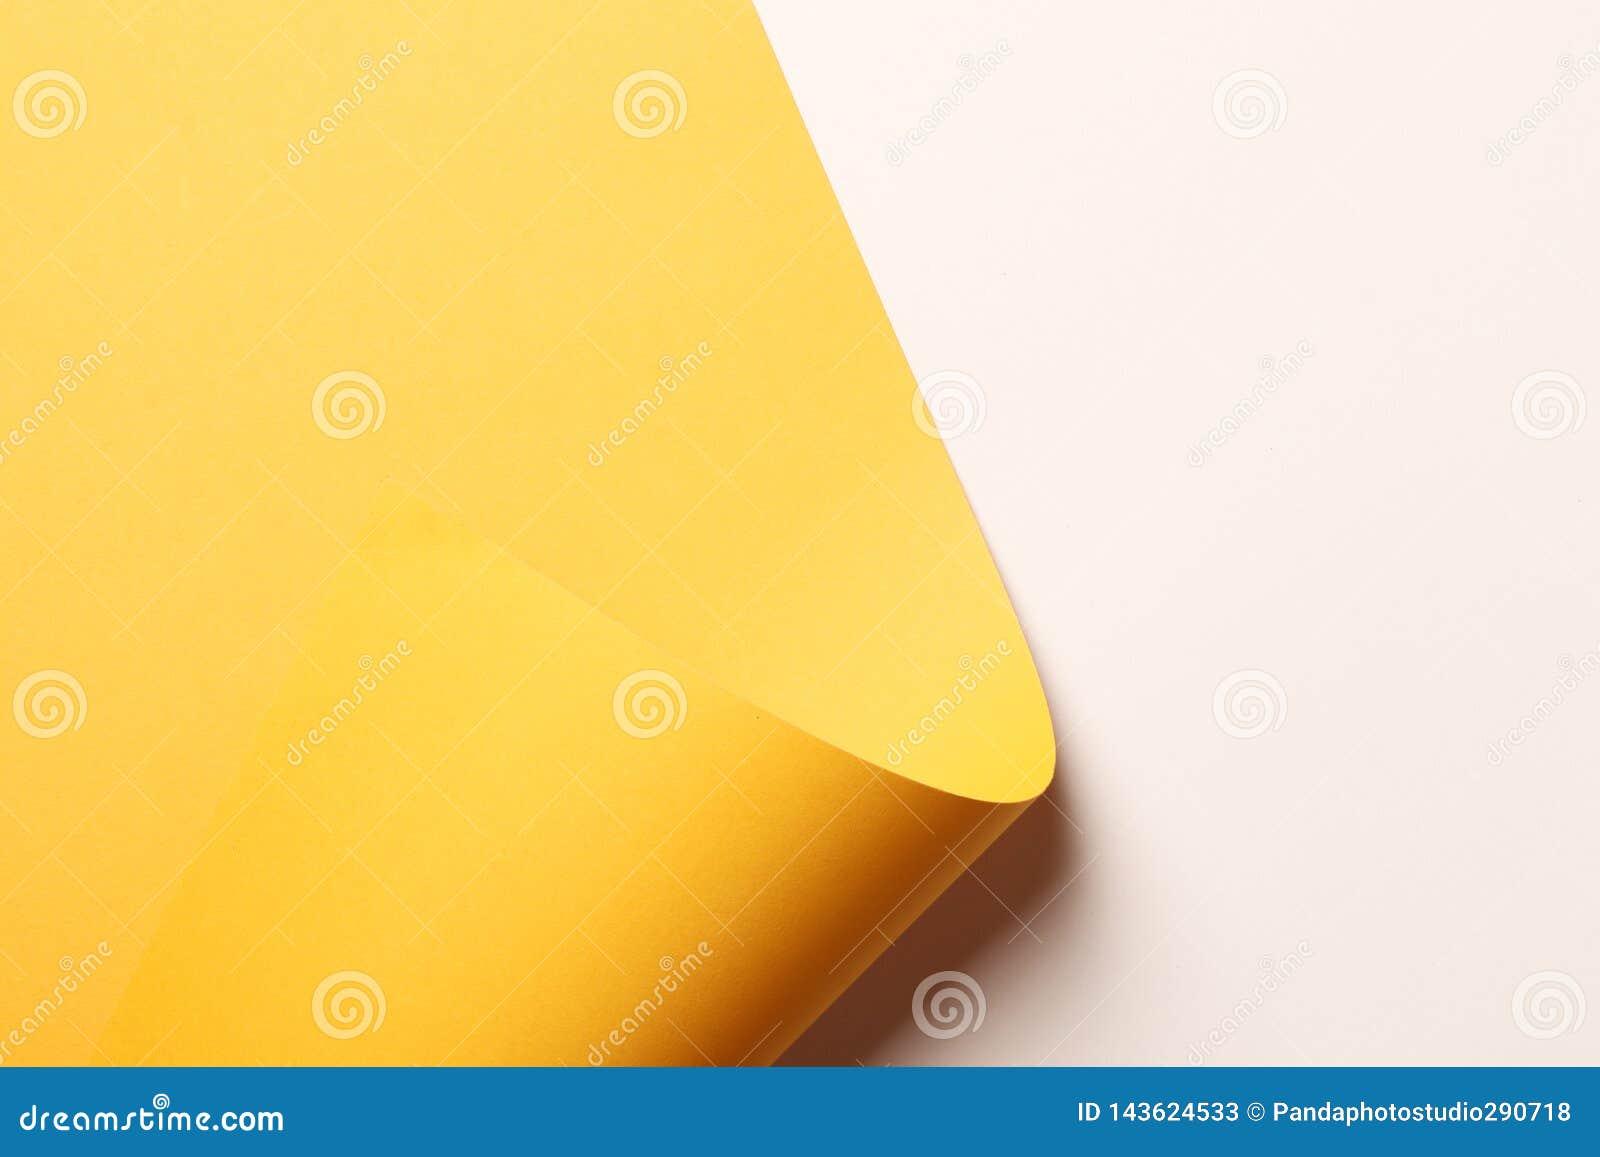 Heller gelber abstrakter Papierhintergrund